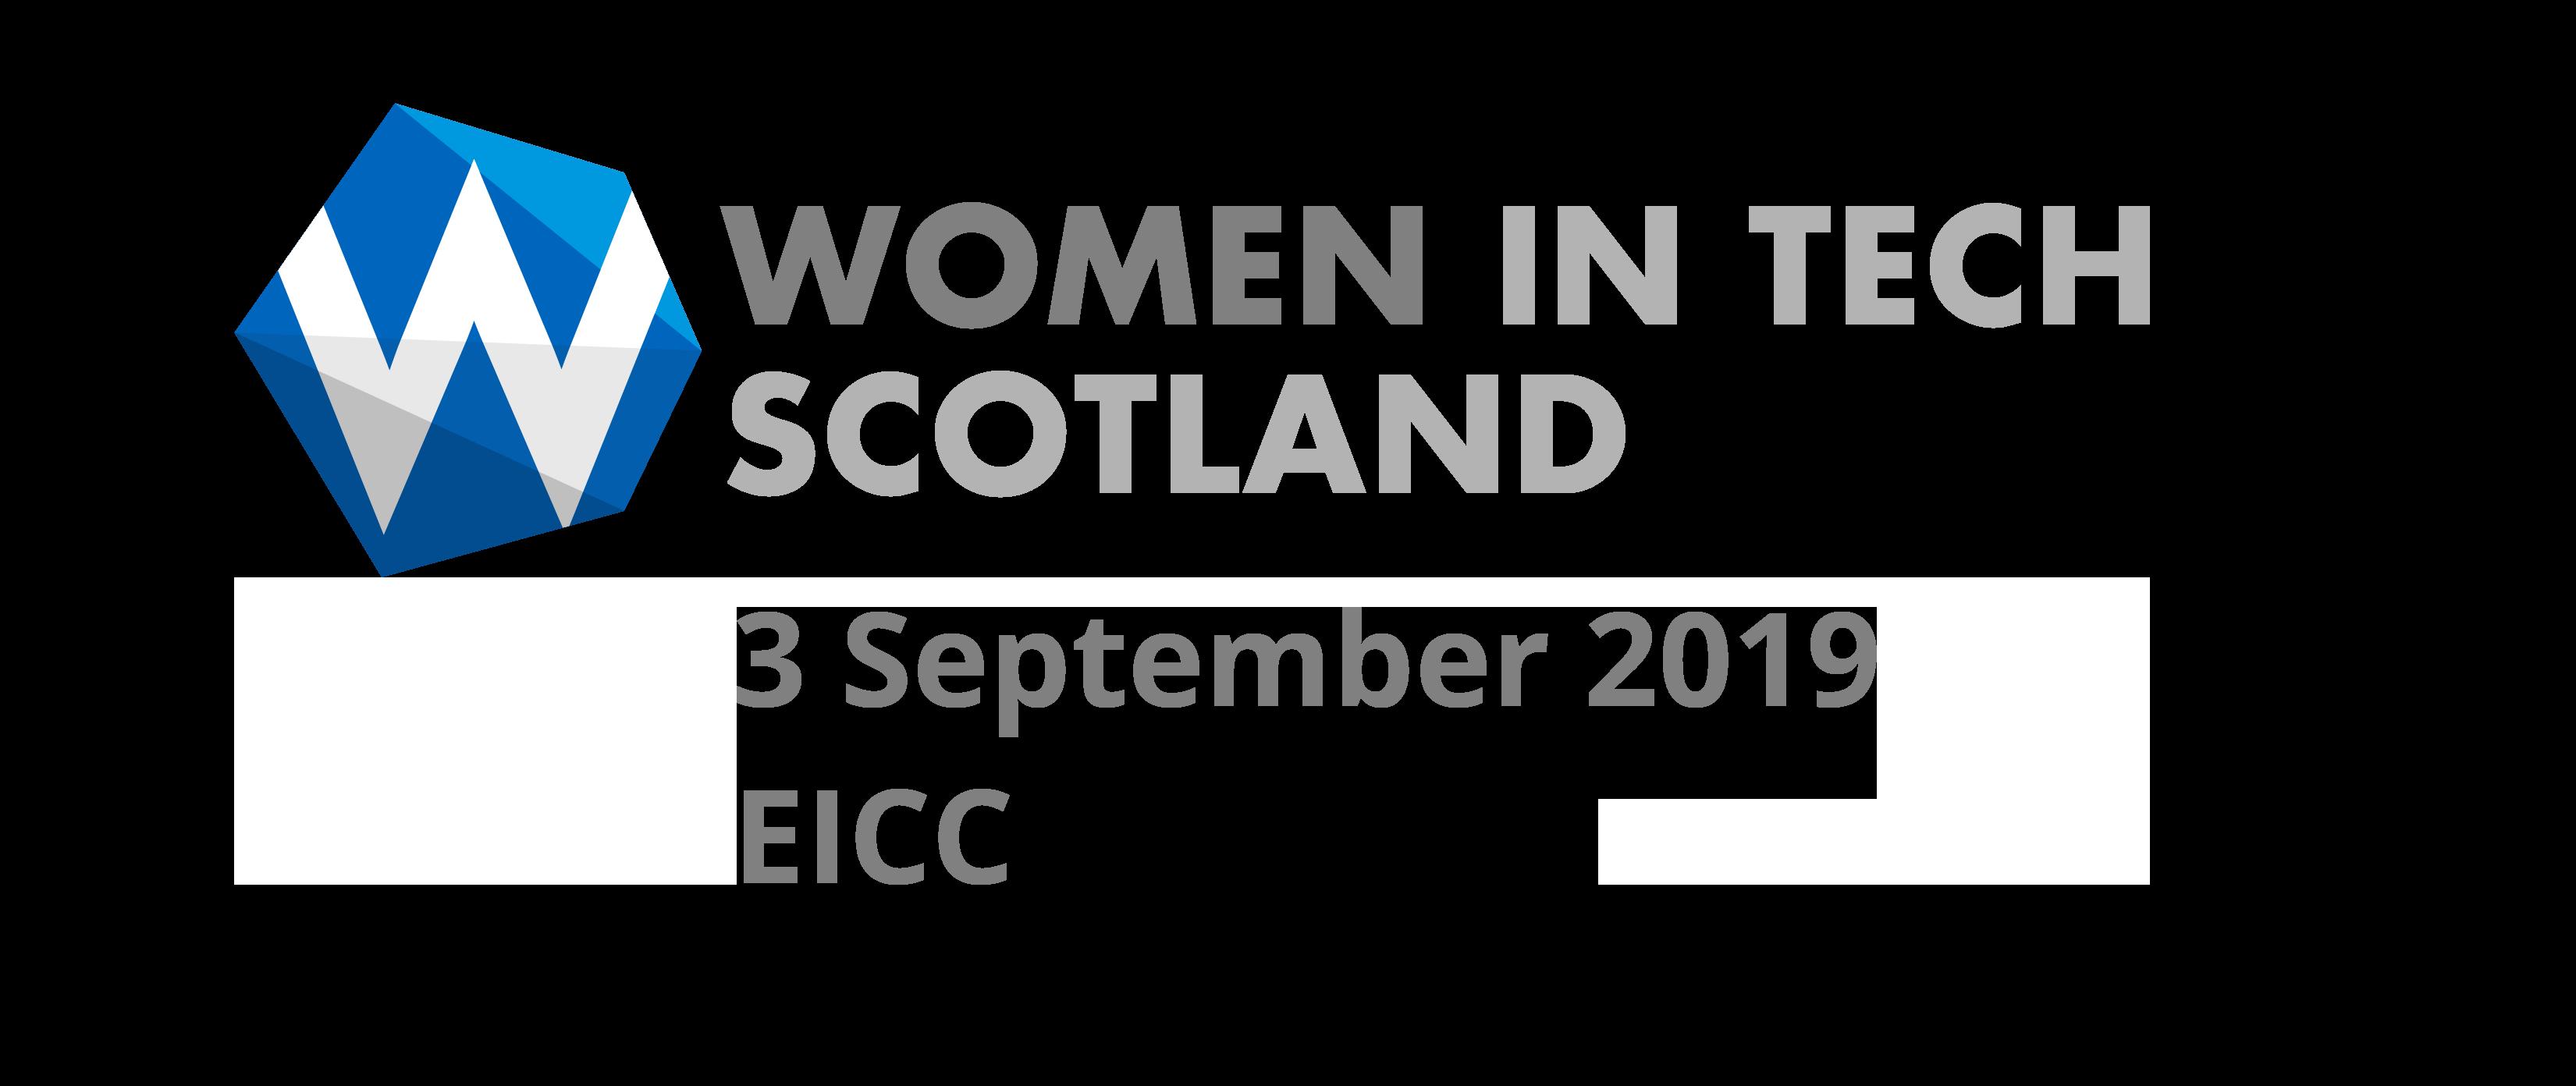 Women in Tech Scotland